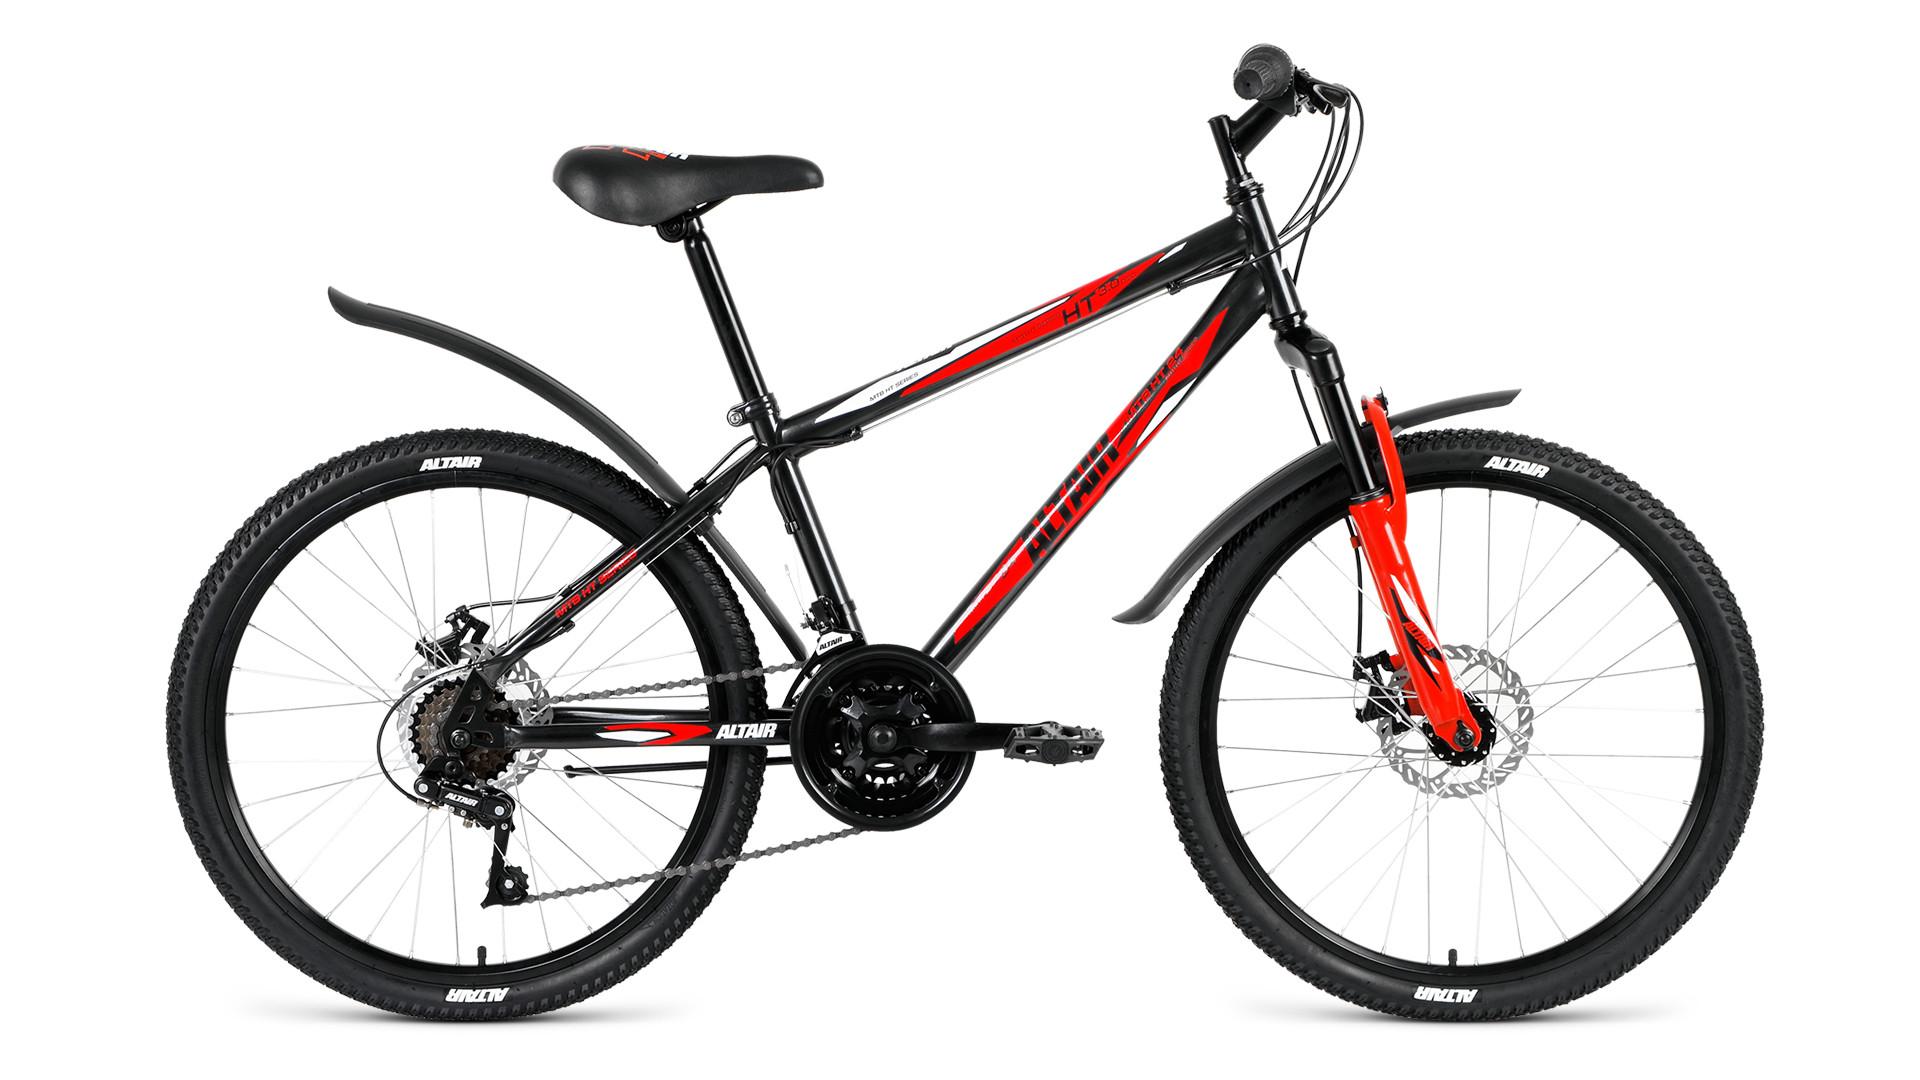 Детский велосипед Altair MTB HT 3.0 disc 2018 черный